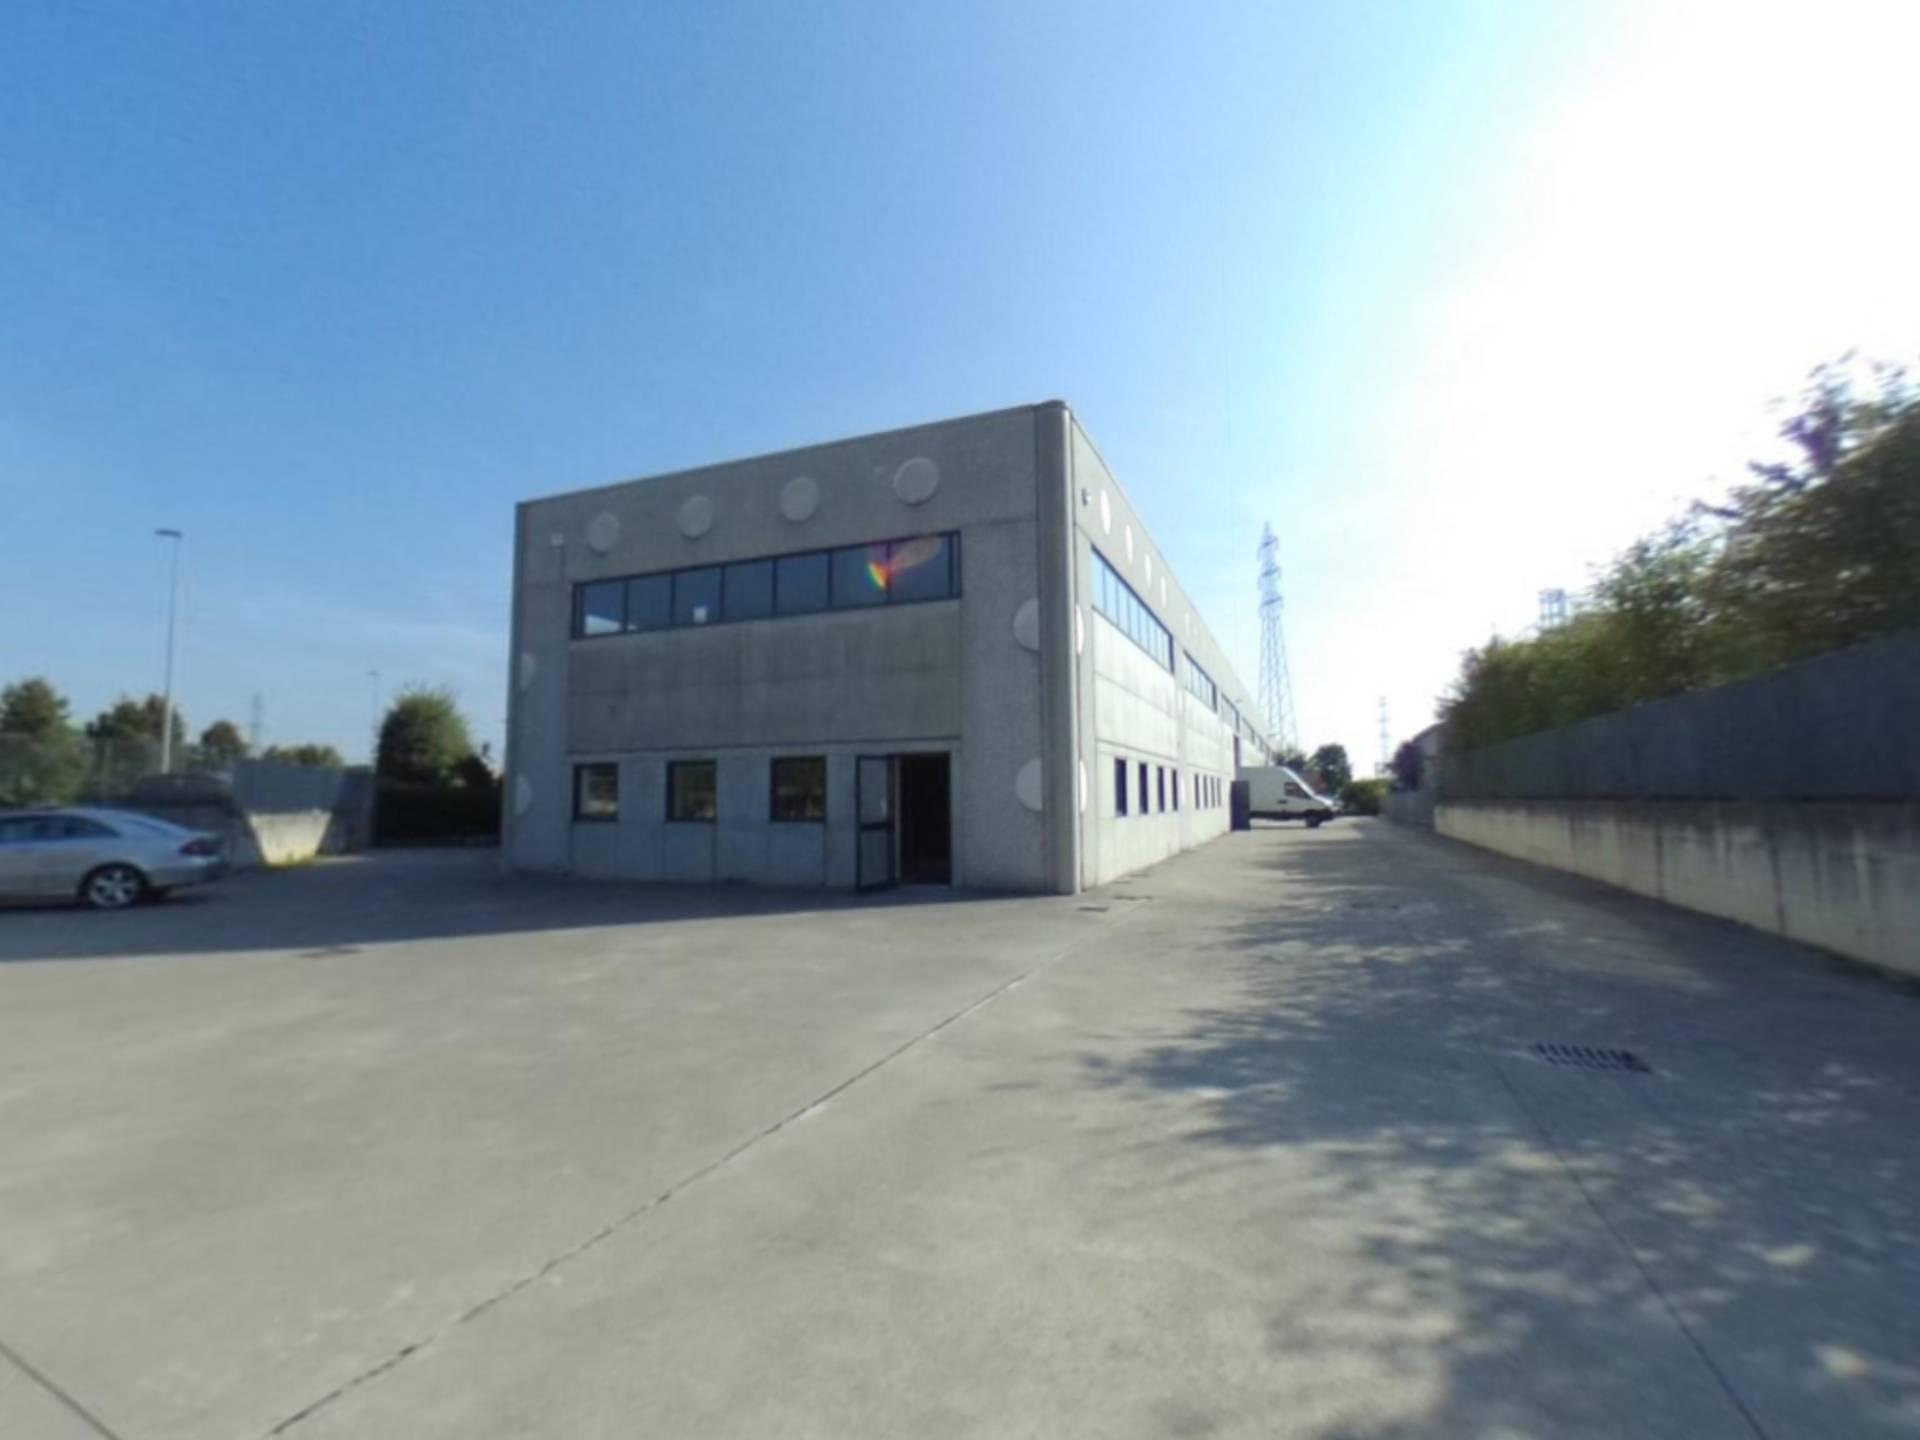 Capannone in vendita a Bagnatica, 9999 locali, prezzo € 875.000 | CambioCasa.it